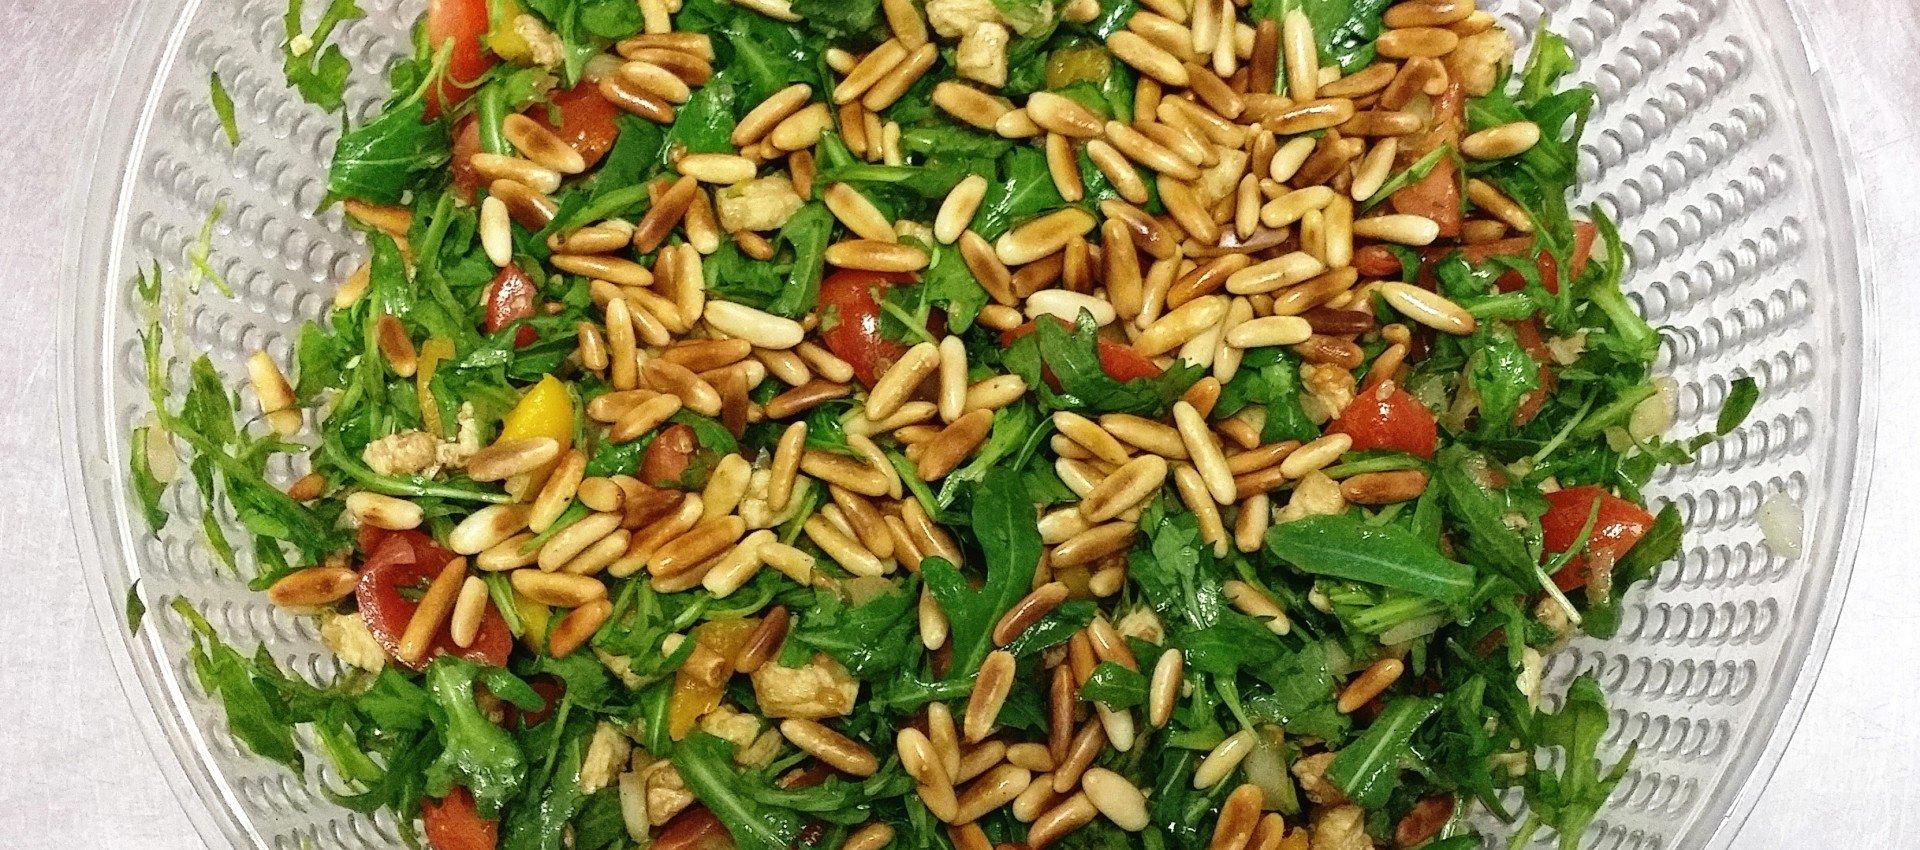 Rucolasalat mit Mozzarella und Pinienkerne